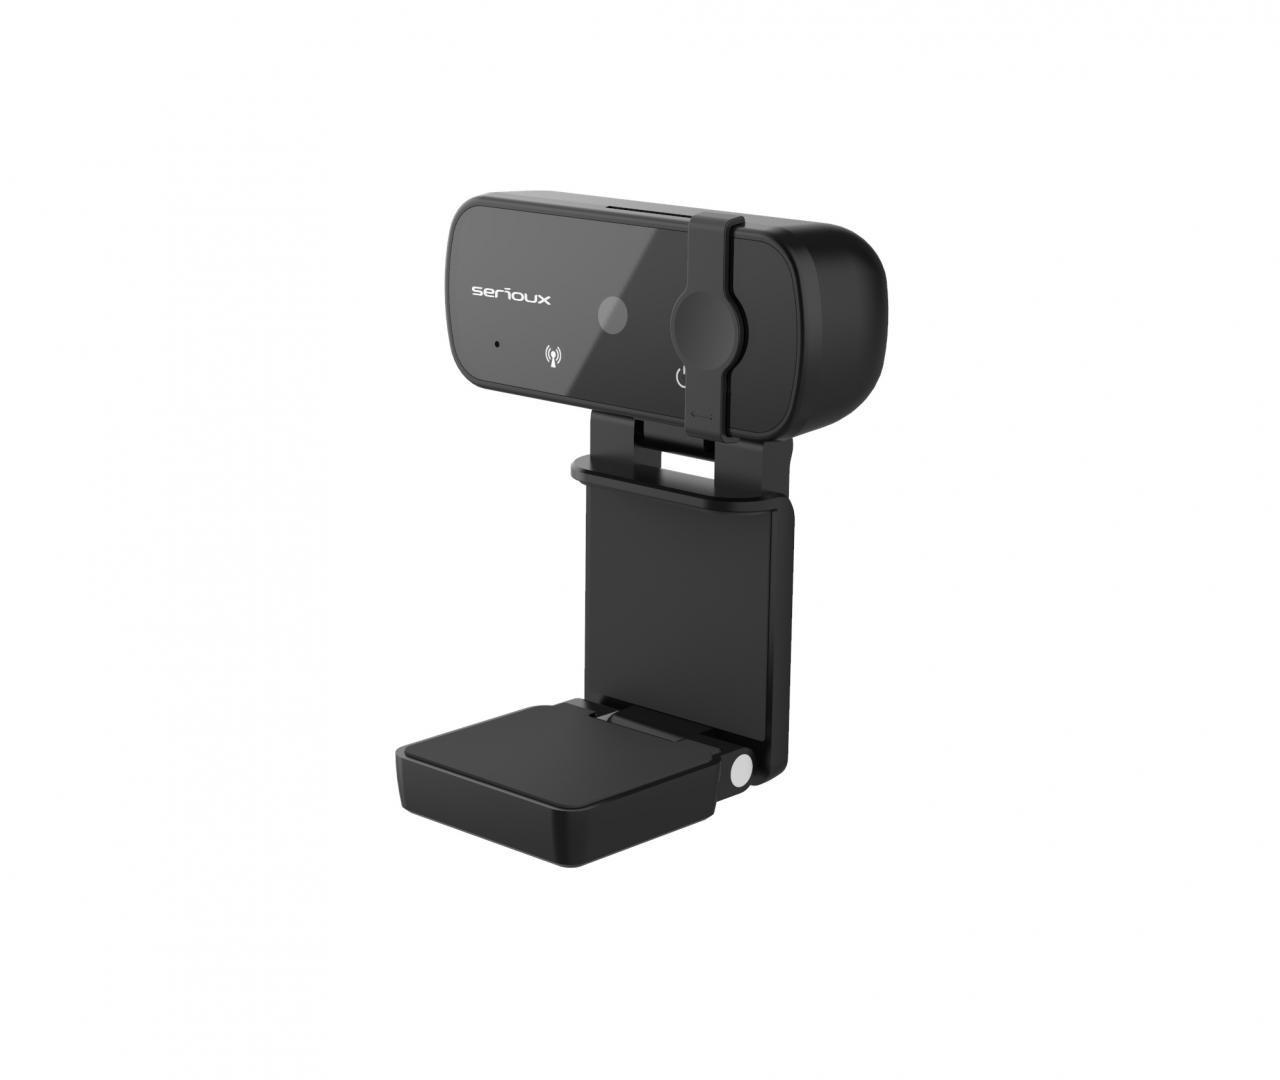 Camera web Serioux Full HD 1080p, chipset Sunplus2381+F23, microfon incorporat, rata cadre 30fps, rezoluție maximă video 1920*1080, format video MJPG / YUY2, senzor CMOS HD 2.0 Mega pixeli pentru imagine, tipul focalizării autofocus, control automat saturație, contrast, acutanță, echilibru de alb - imaginea 1